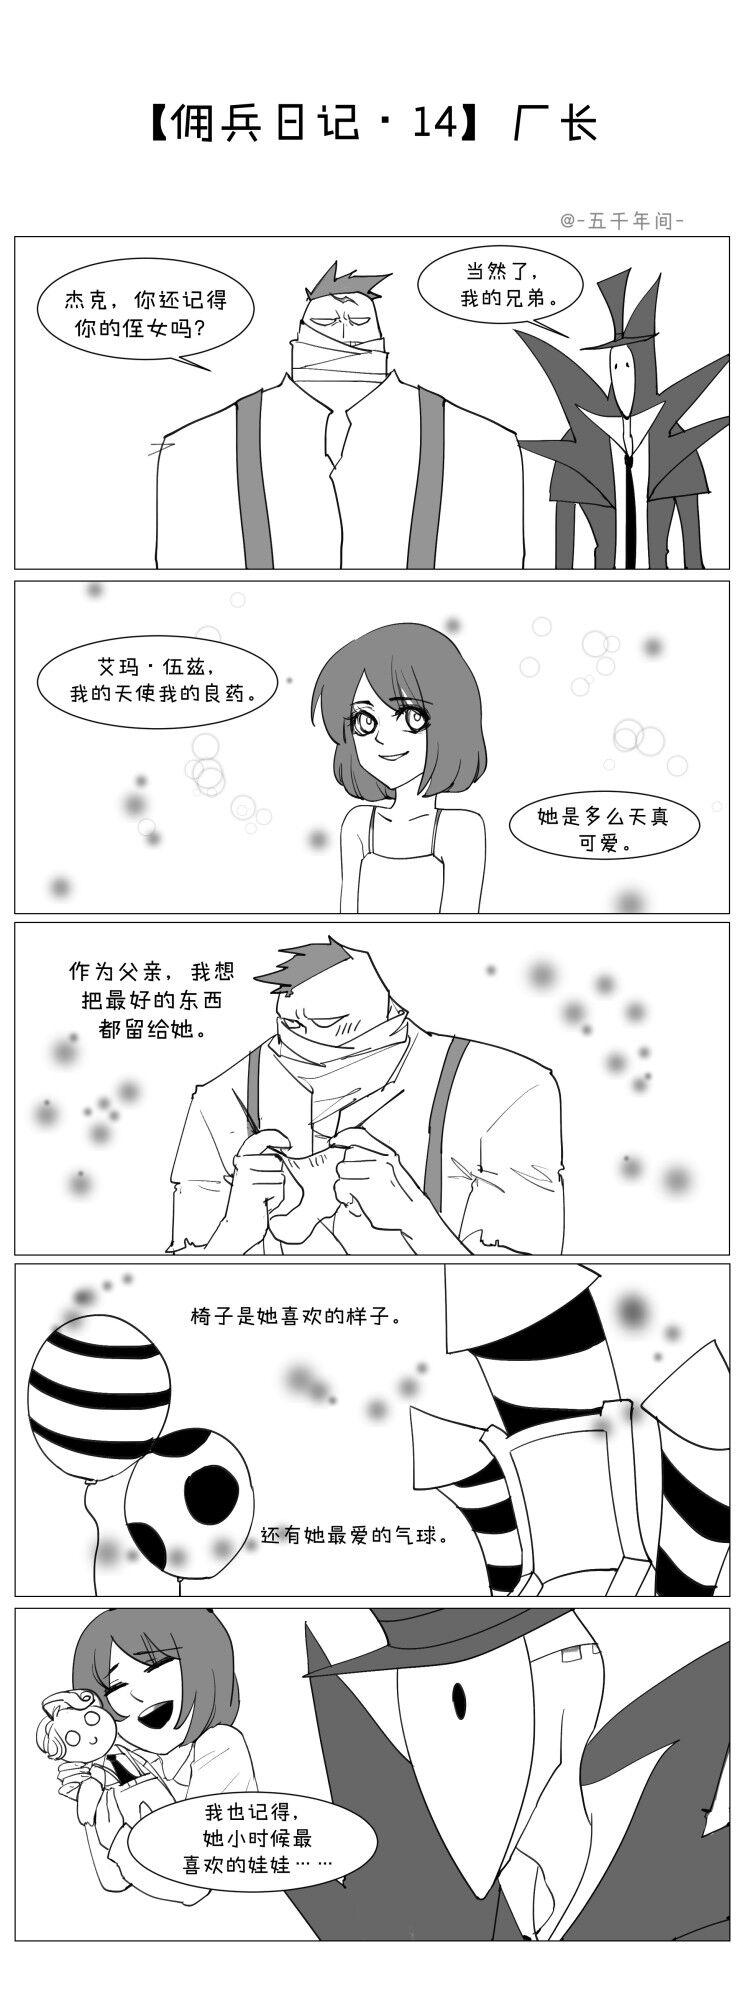 【佣兵日记14、15】厂长